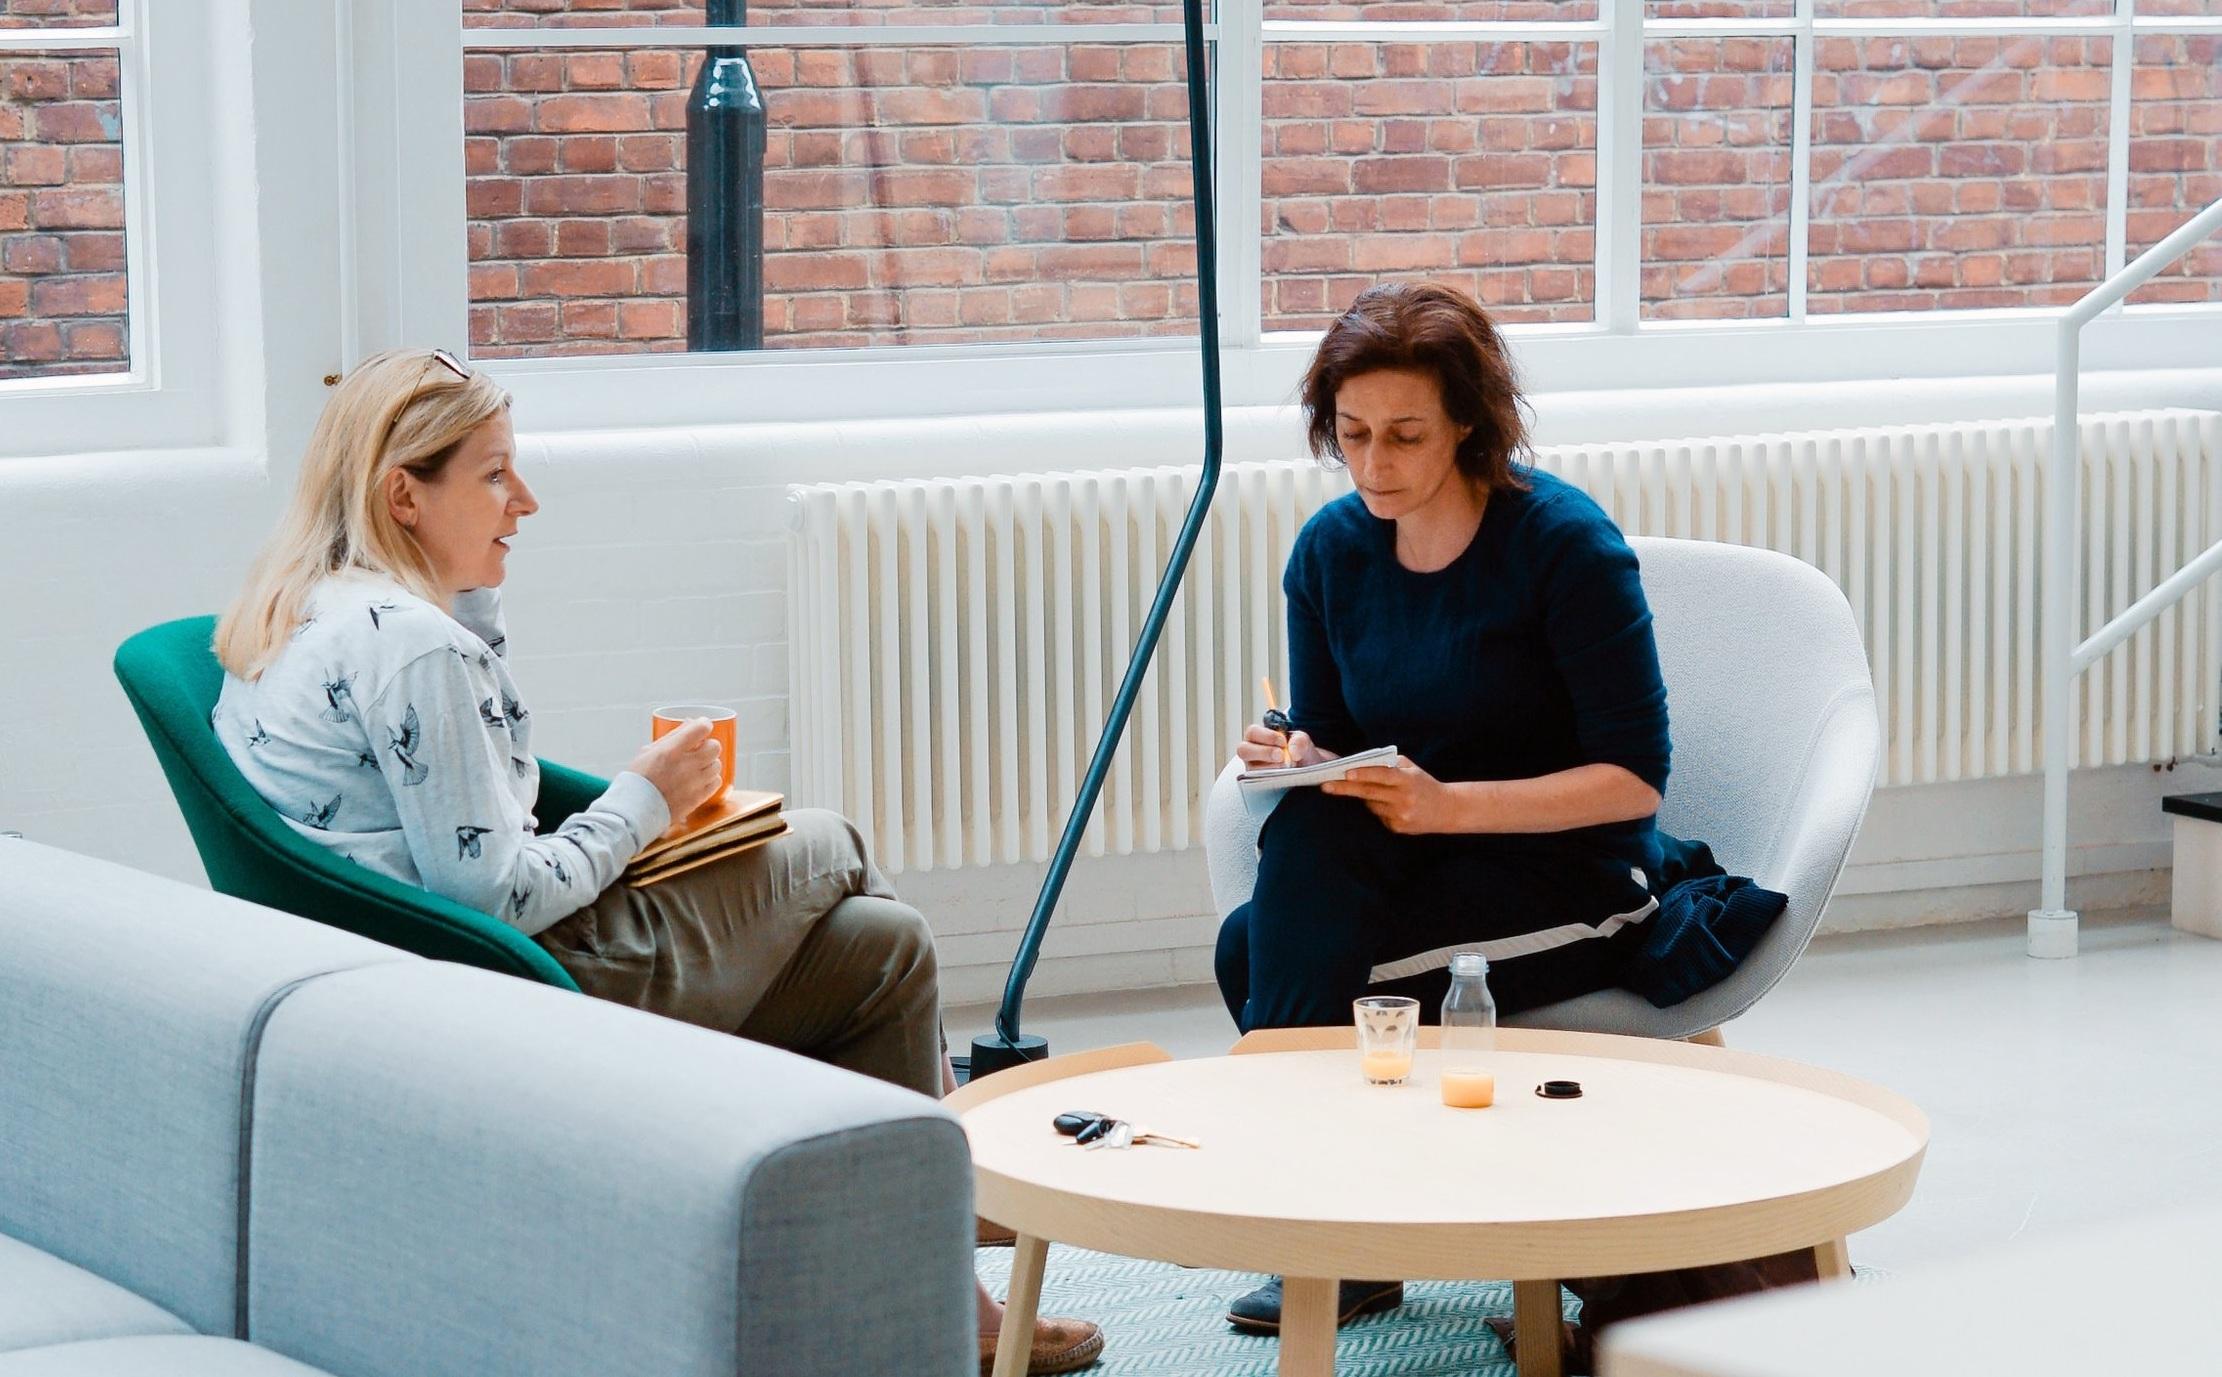 two+women+in+a+conversation.jpg